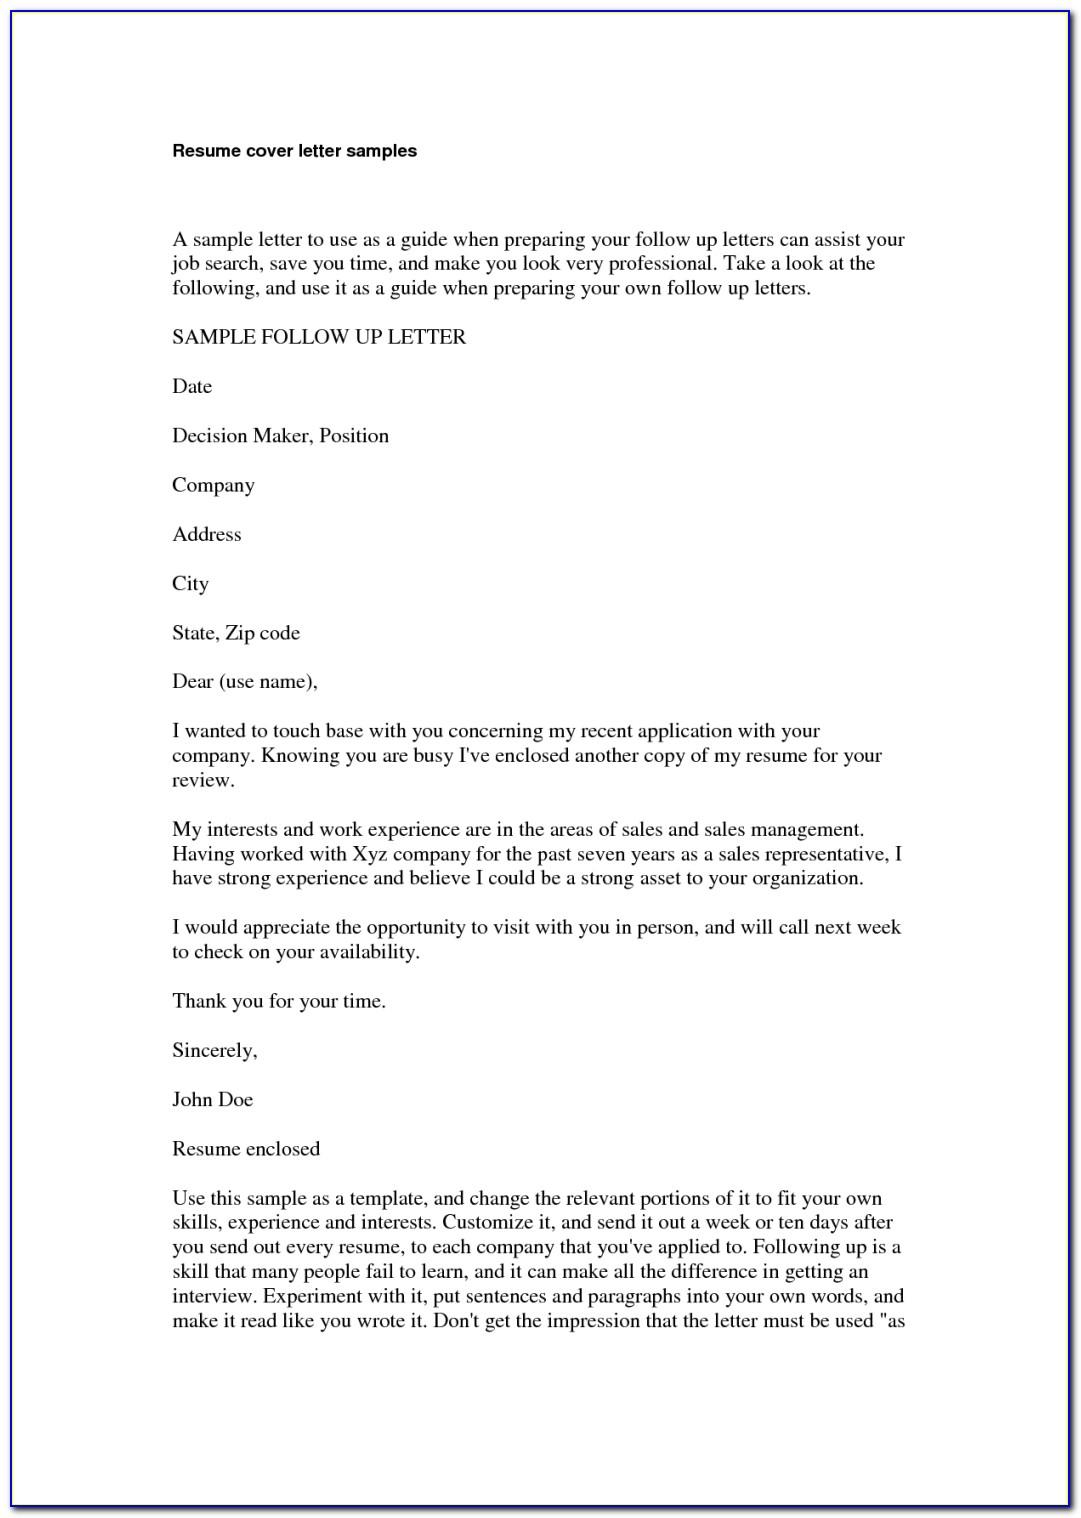 Sample Cover Letter For Resume Template | Resume Examples 2017 Inside Resume Cover Letter Template 2017